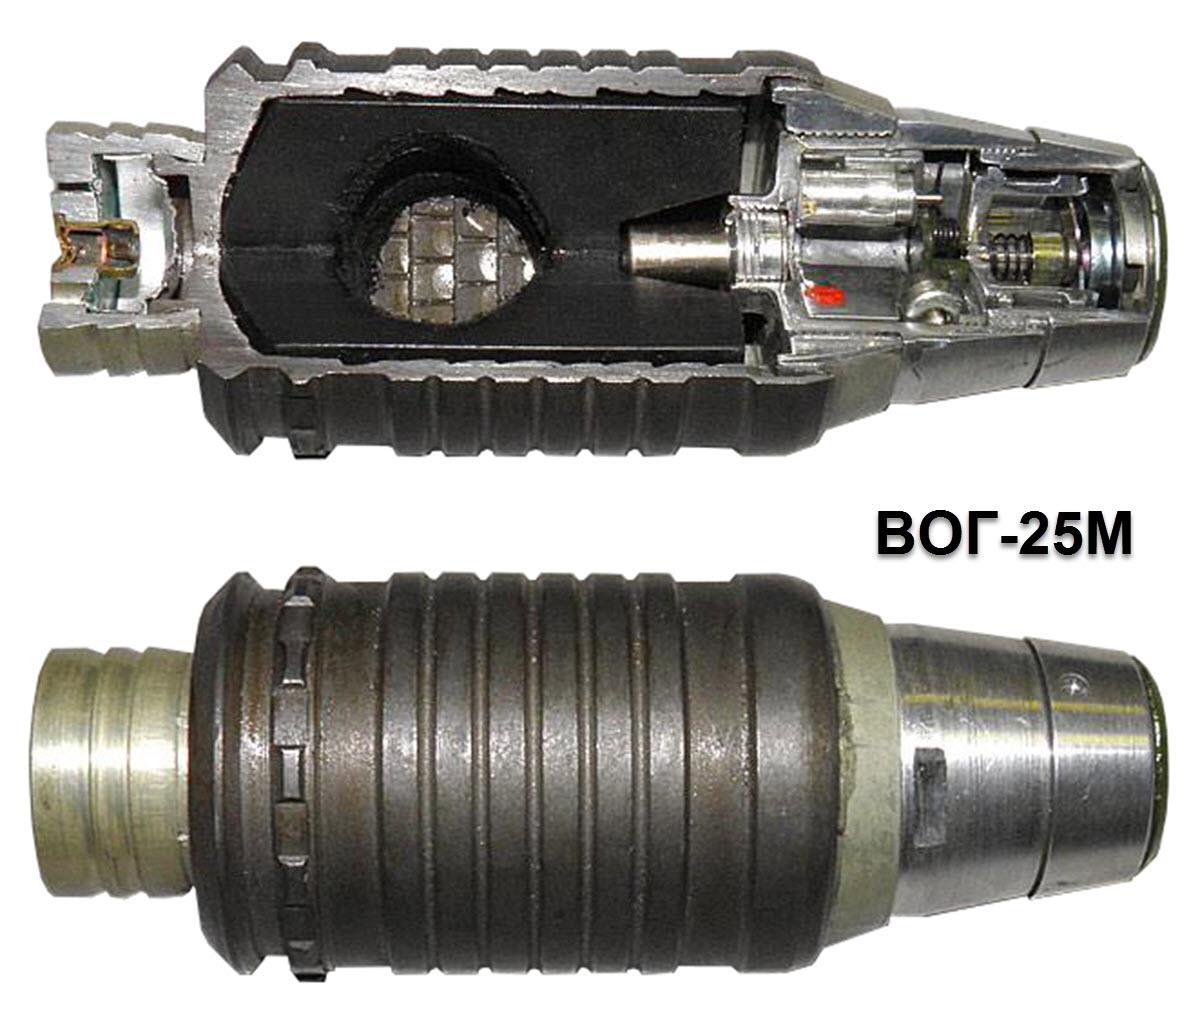 ВОГ-25М